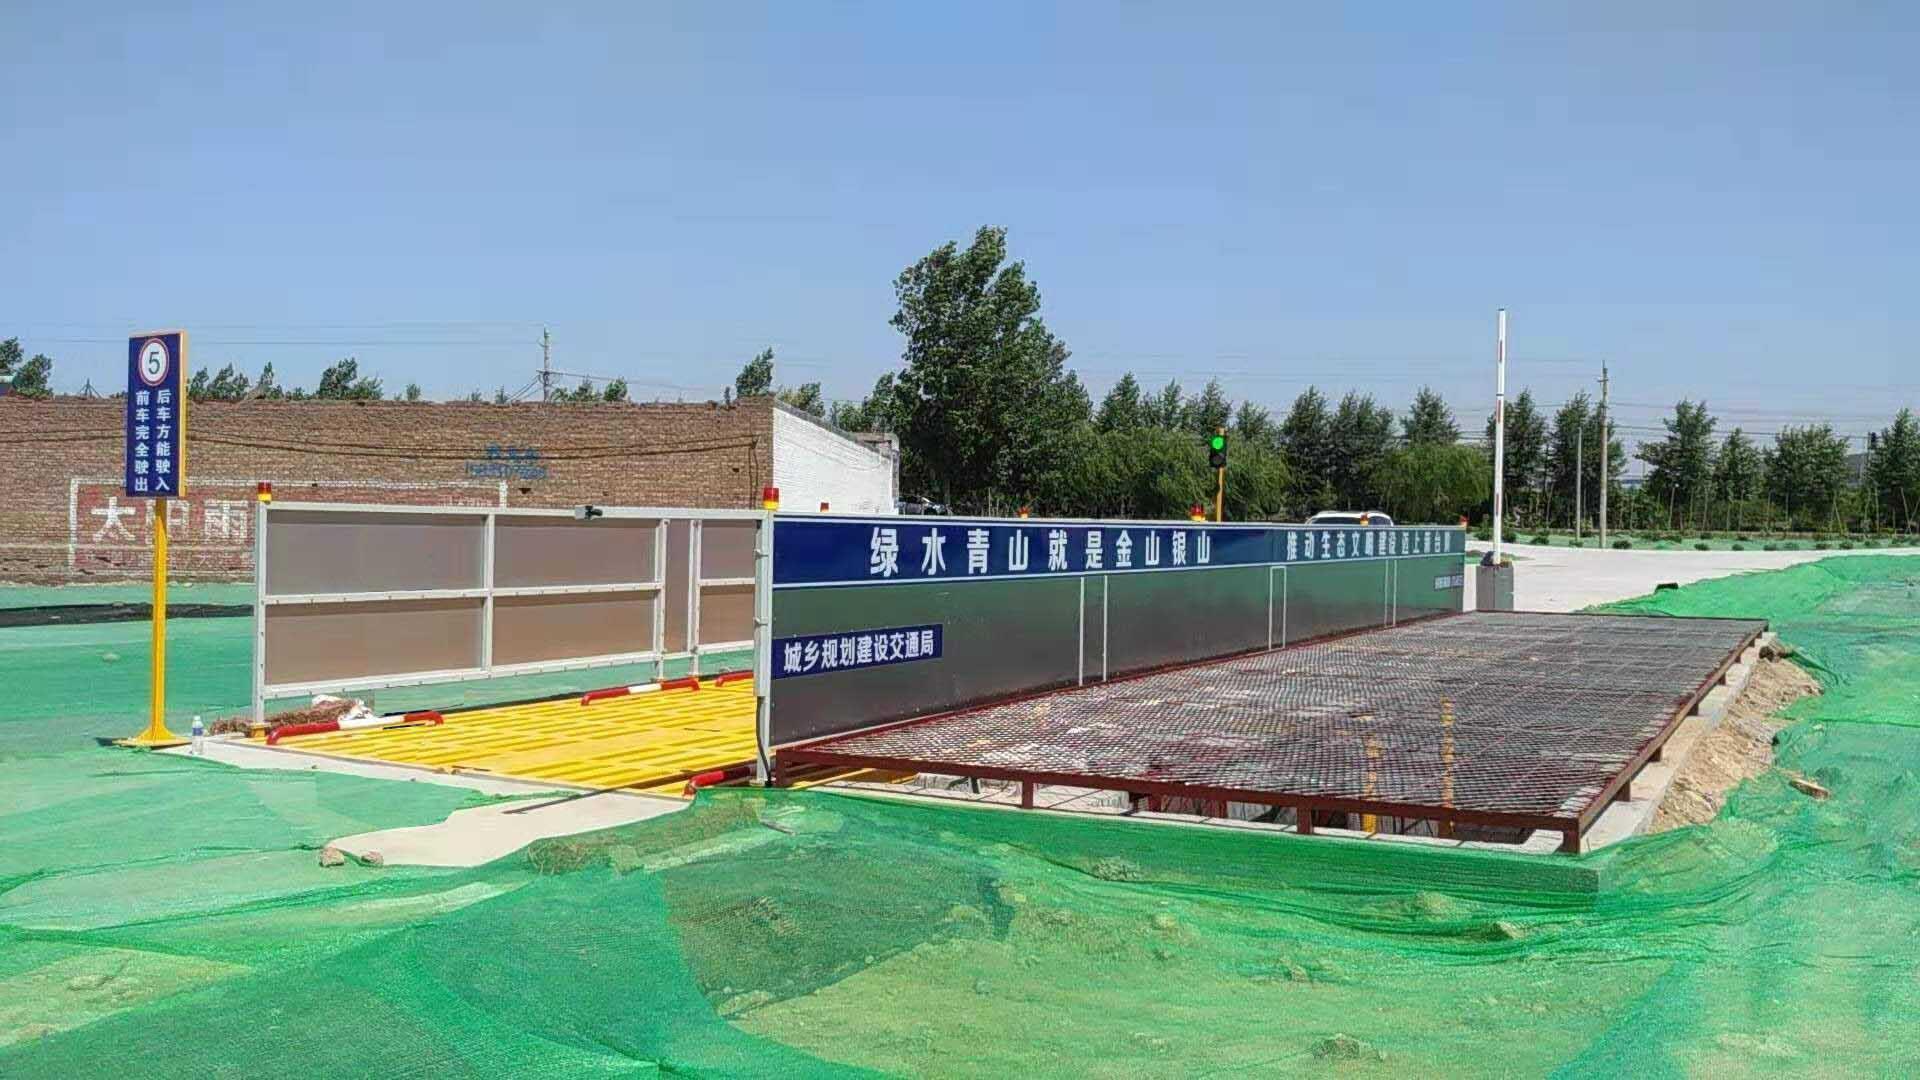 邯郸市工厂直销洗轮机-生产厂家-邢台市环保设备厂